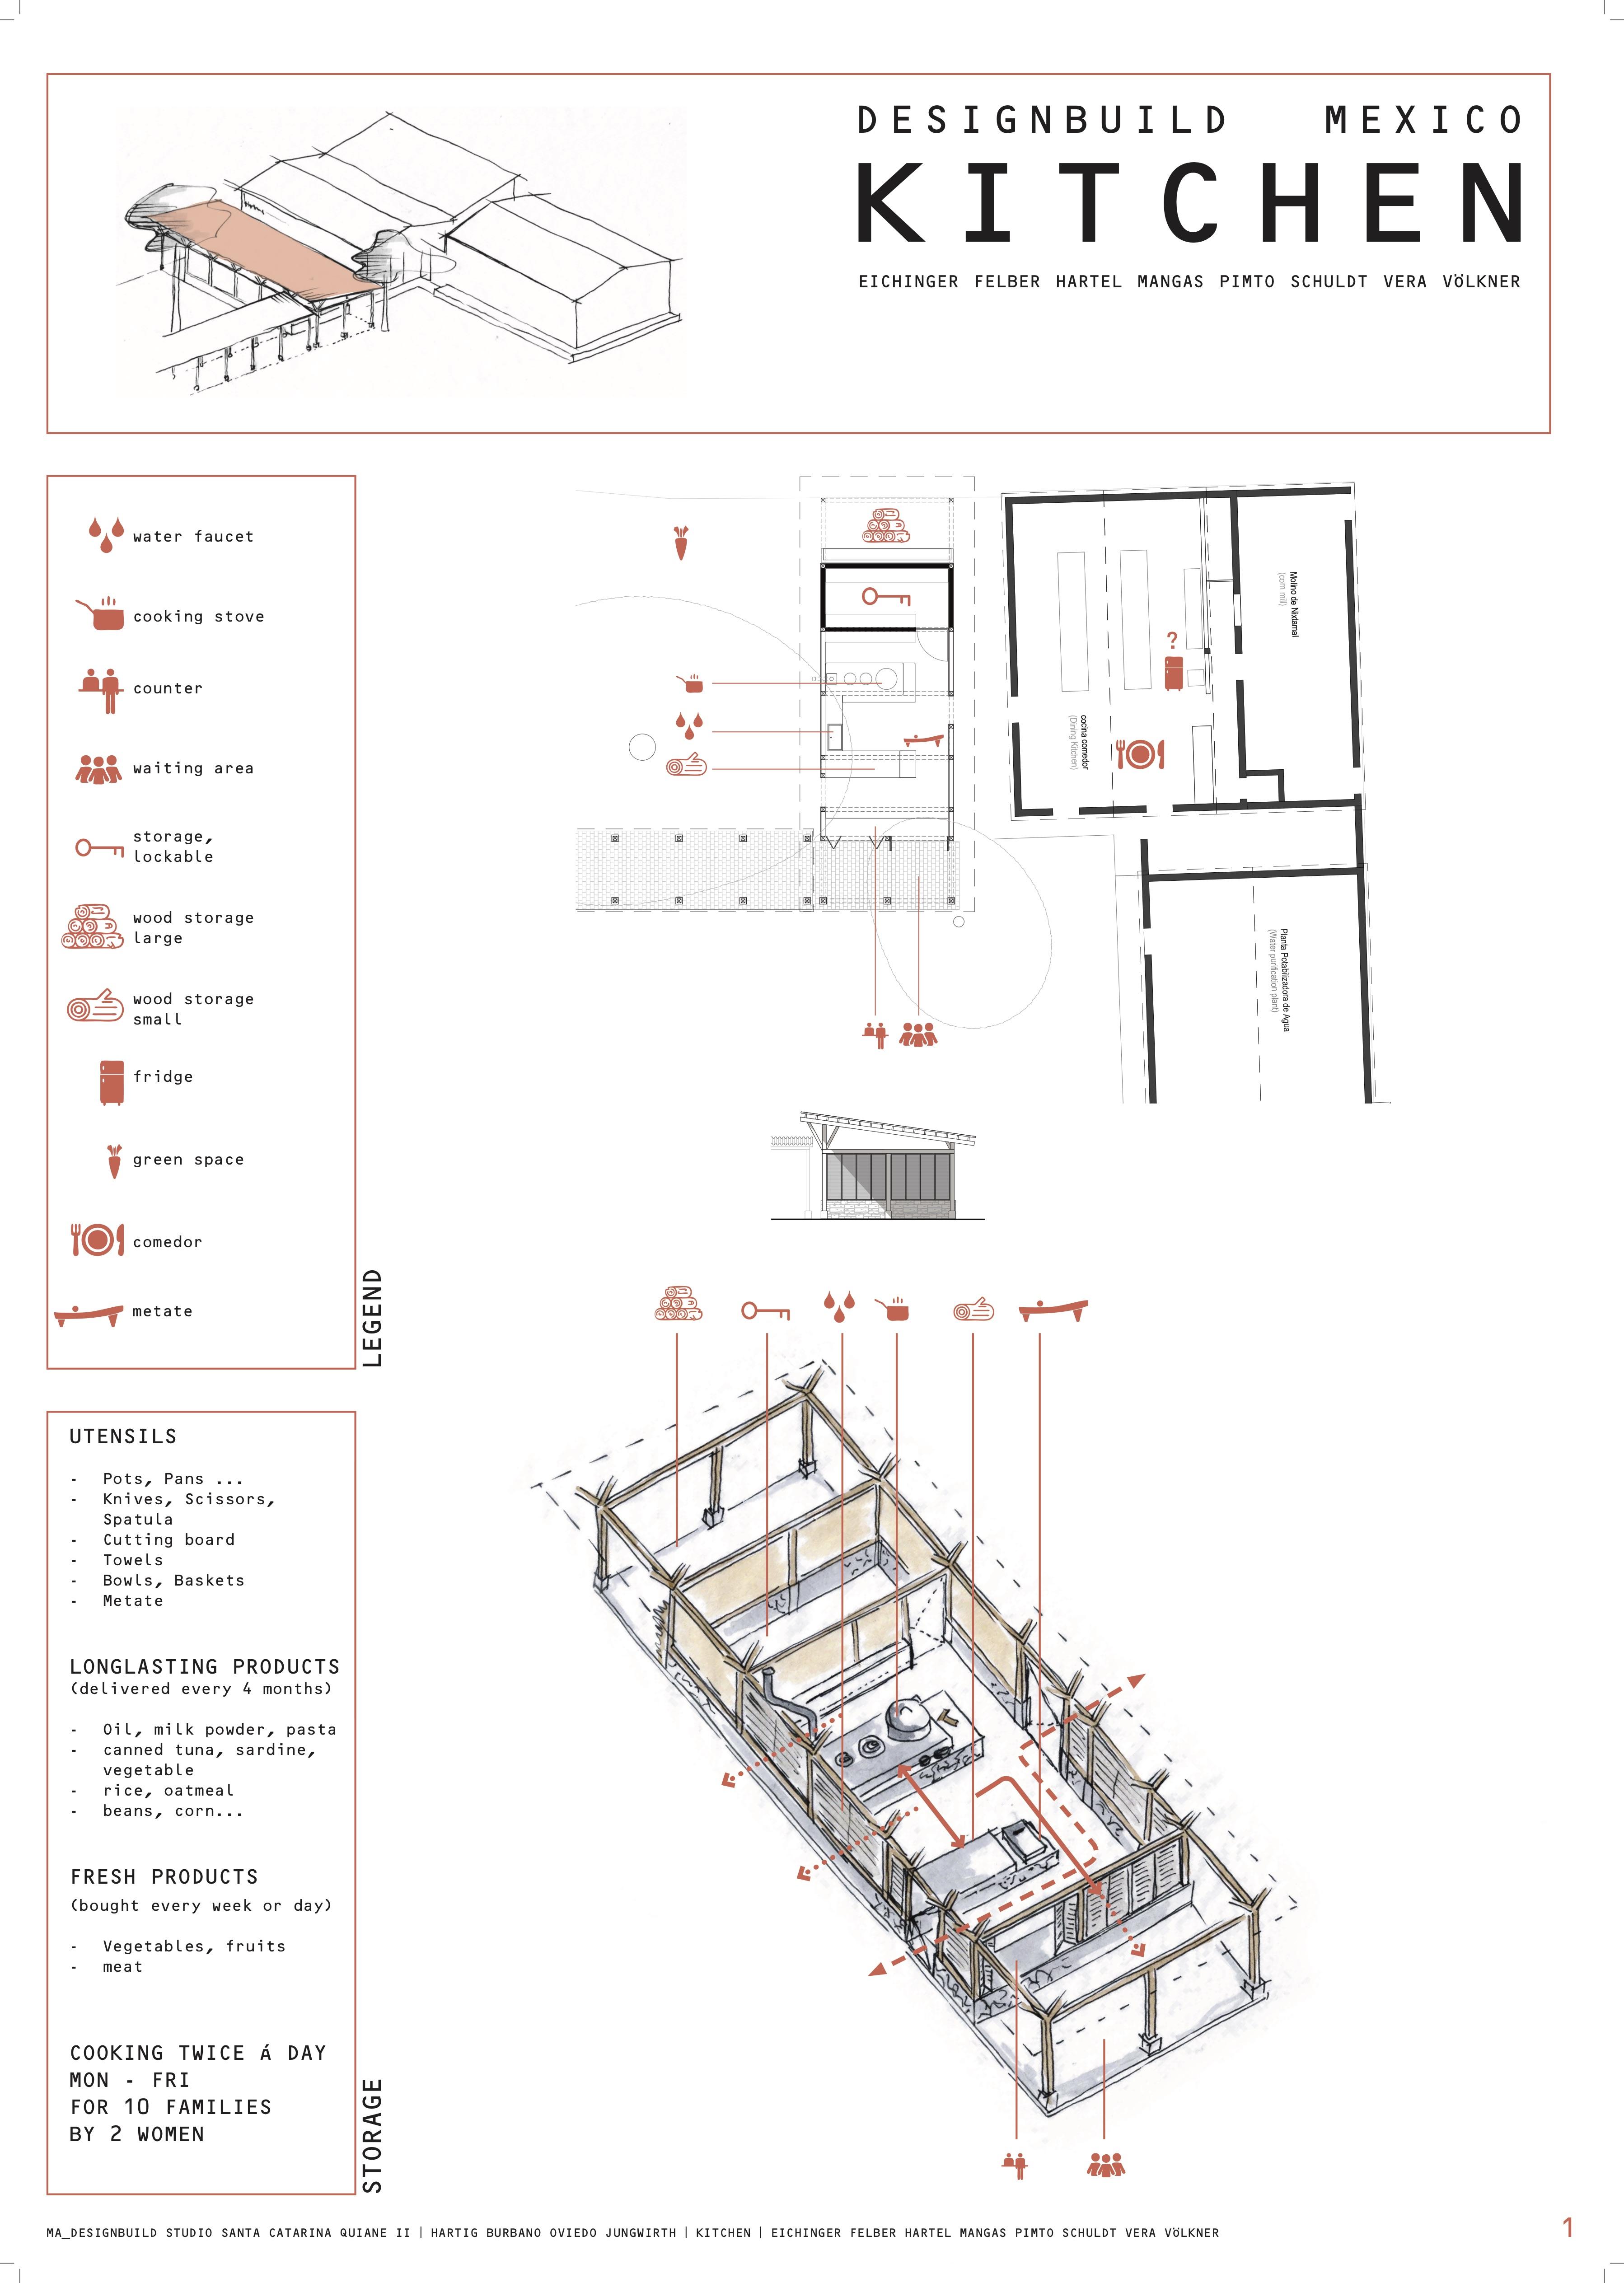 new kitchen plan 1